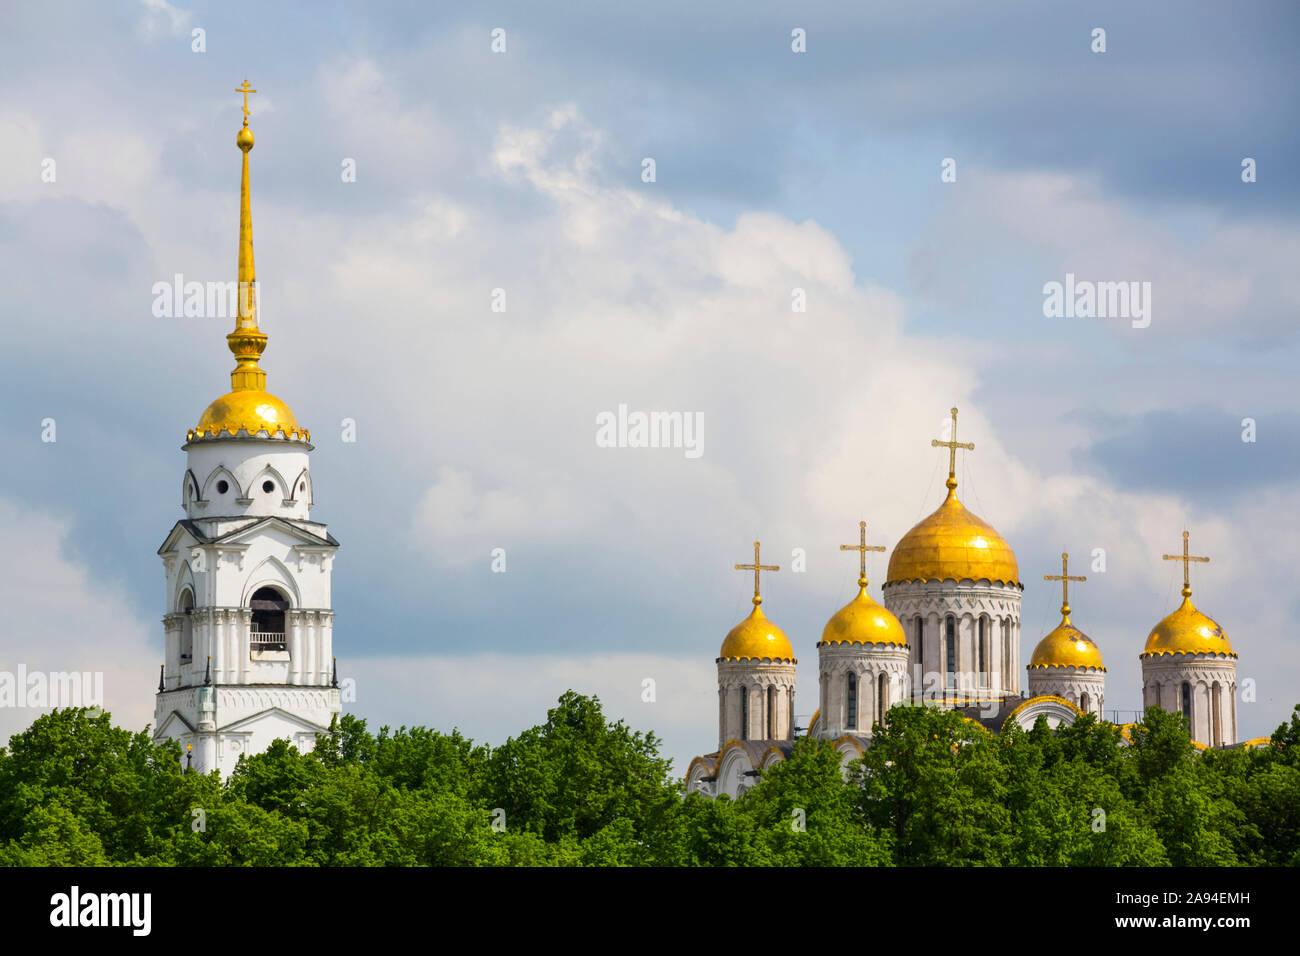 Catedral de la Asunción con campanario; Vladimir, Vladimir Oblast, Rusia Foto de stock